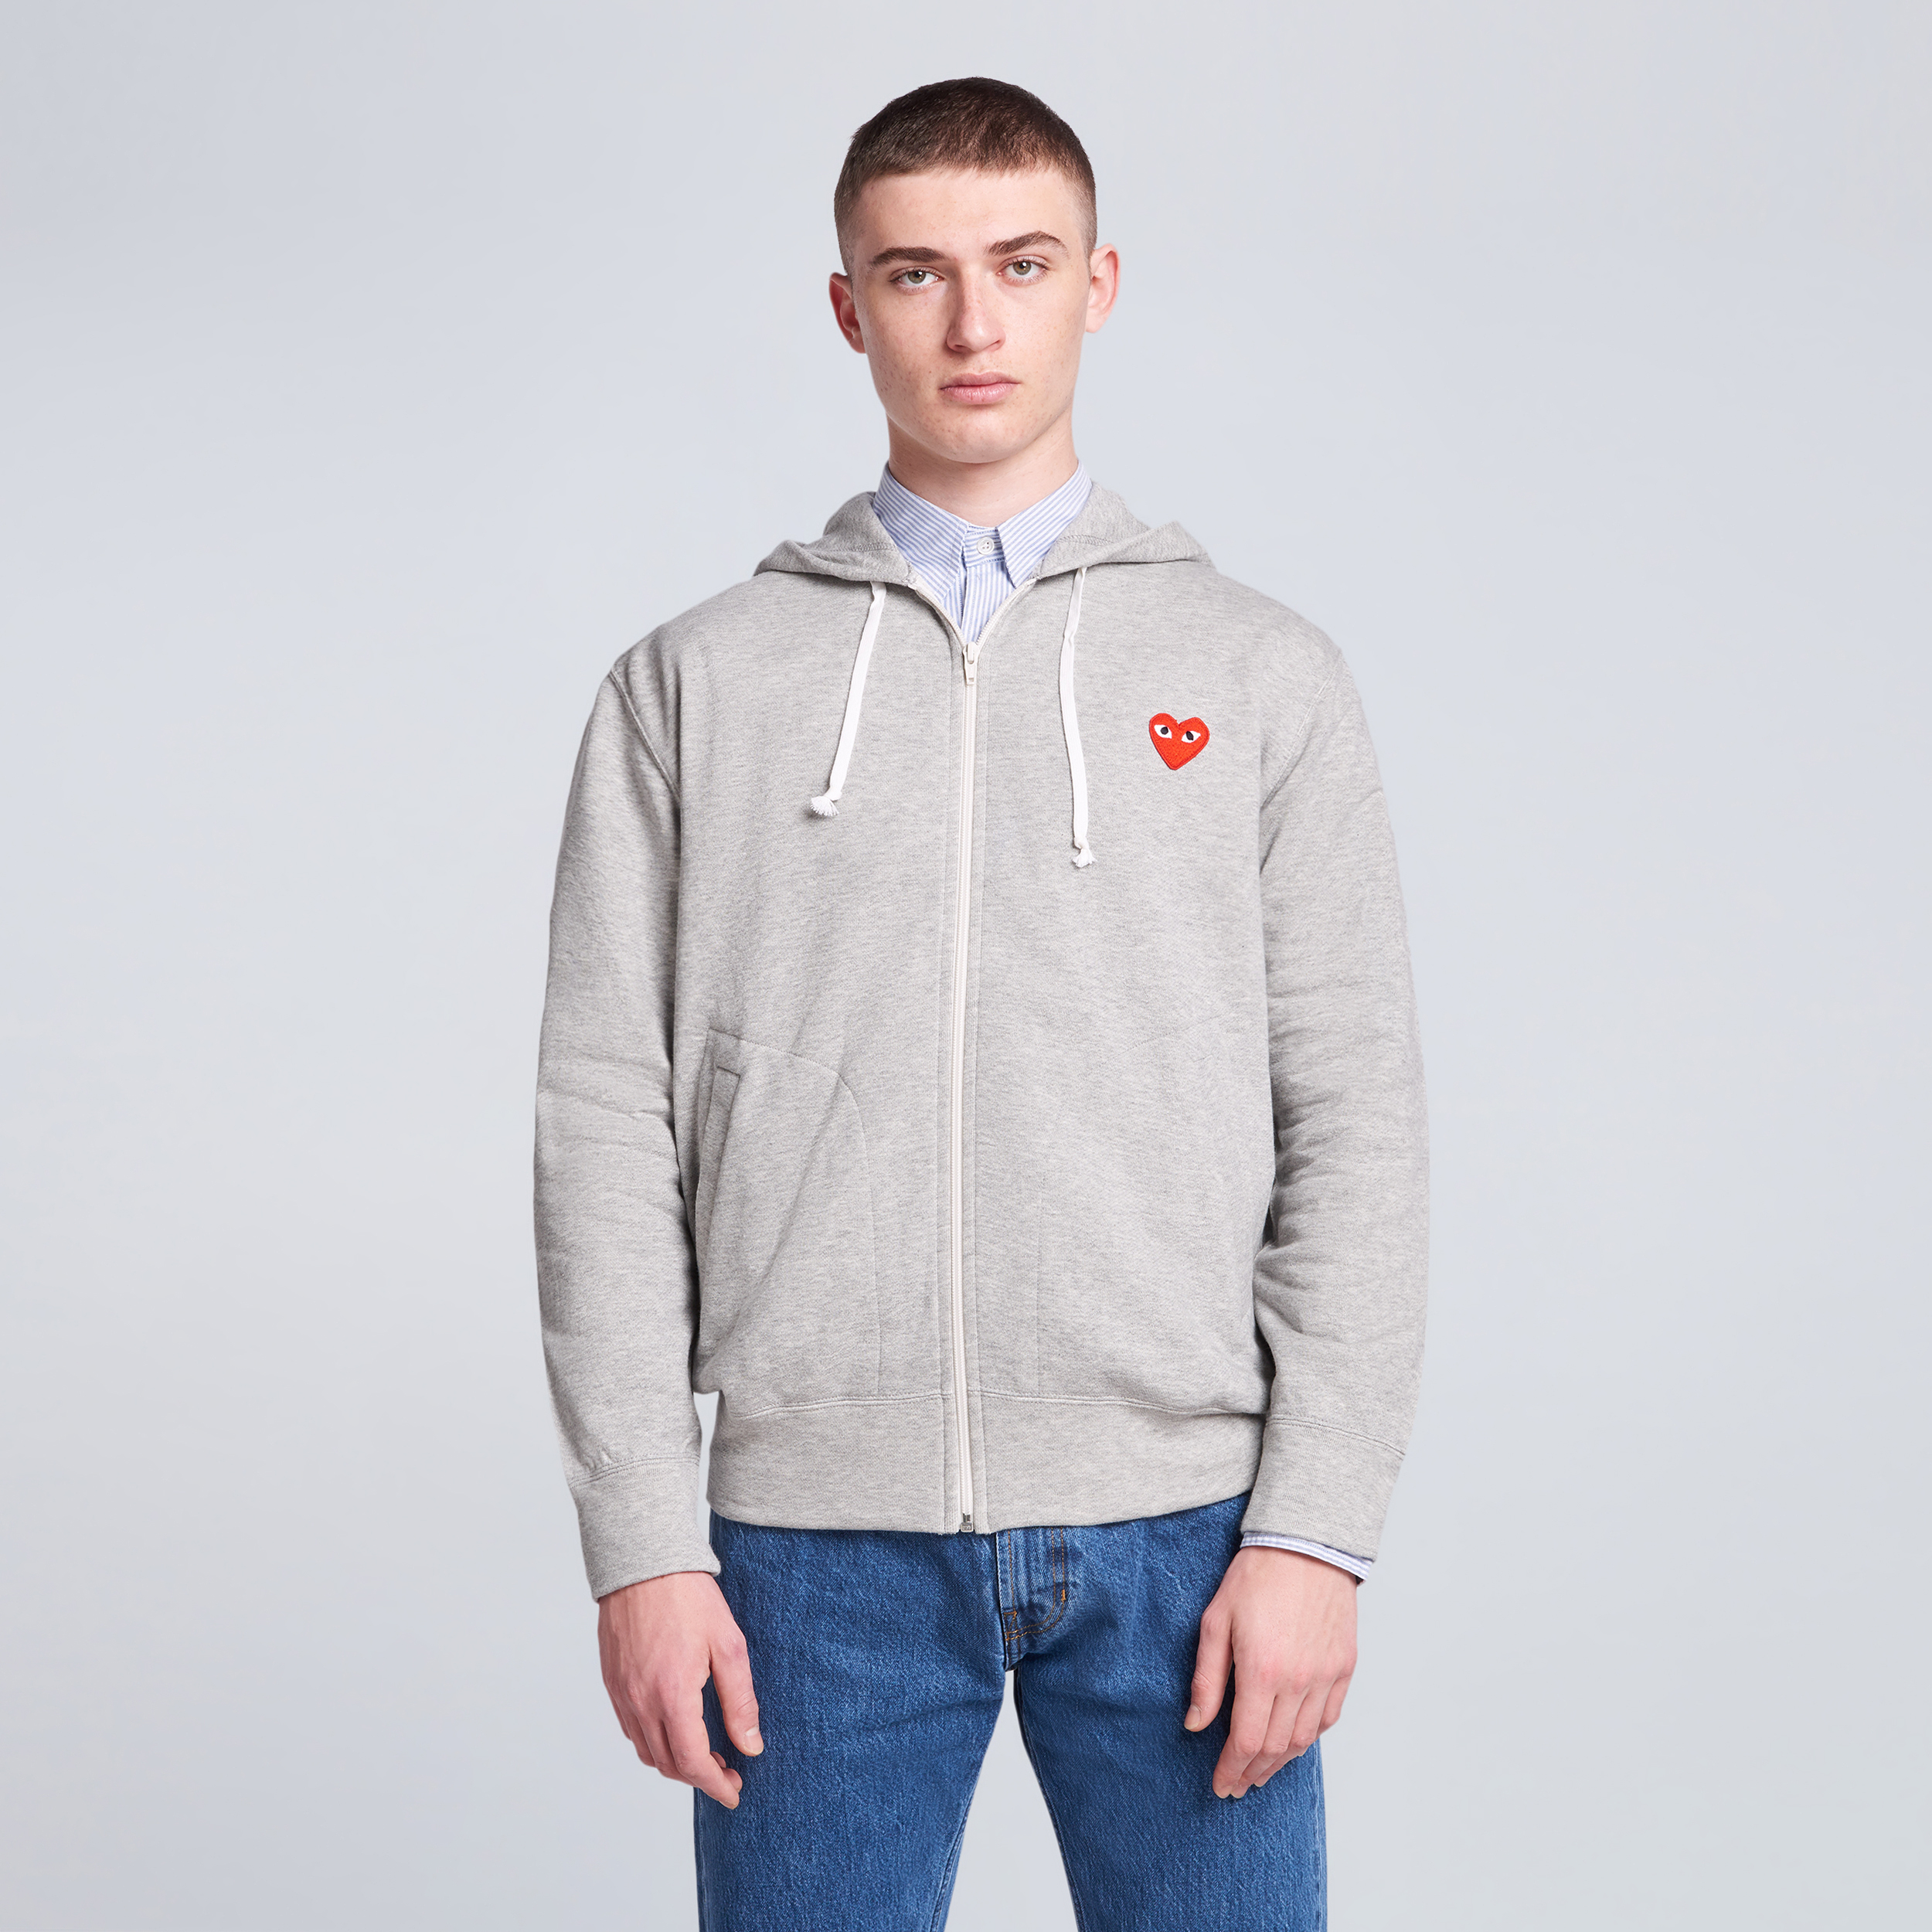 Sweatshirt gris capuche zipée coeurs rouges multiples